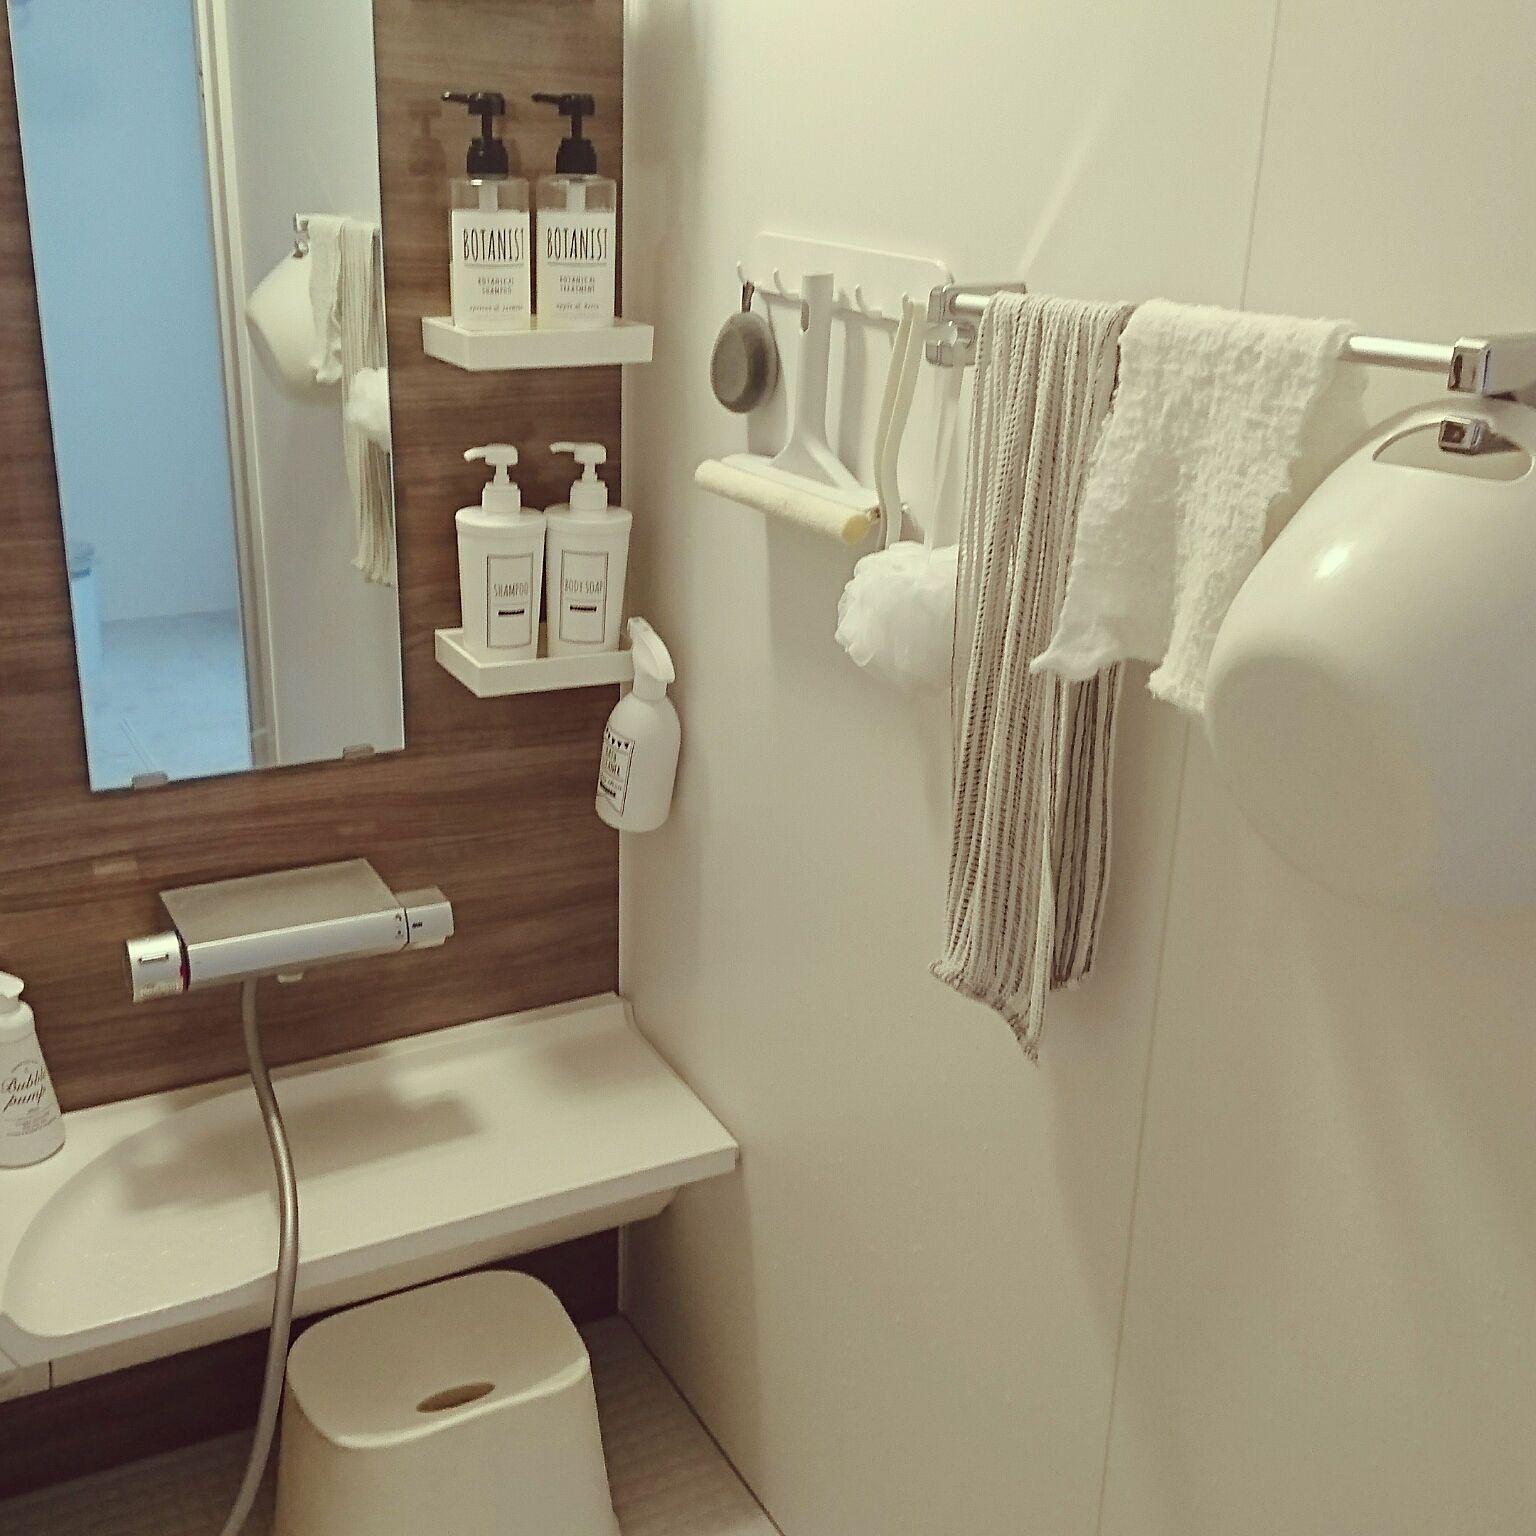 バス トイレ Lixilのお風呂 アライズ ウォールナット マグネットフック